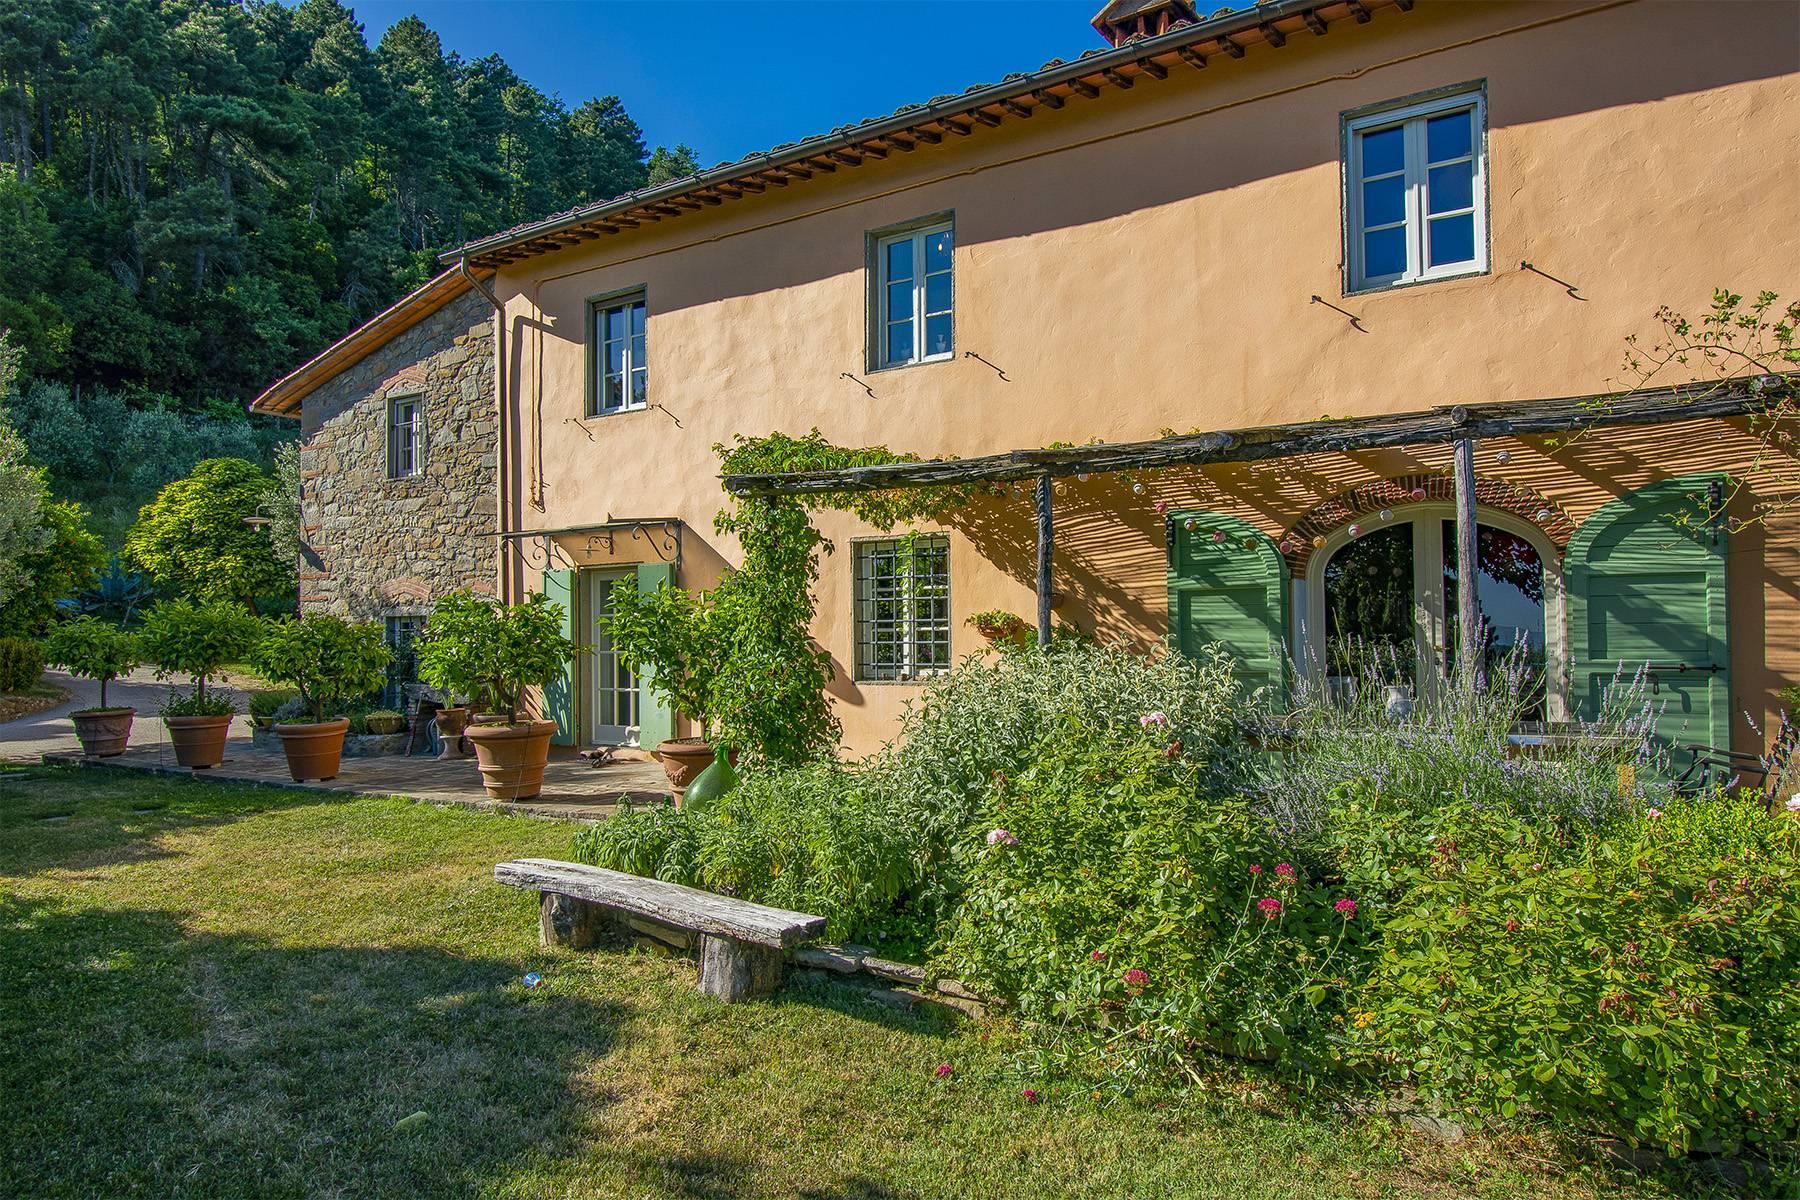 Romantico casale nelle colline tra Firenze e Lucca - 3